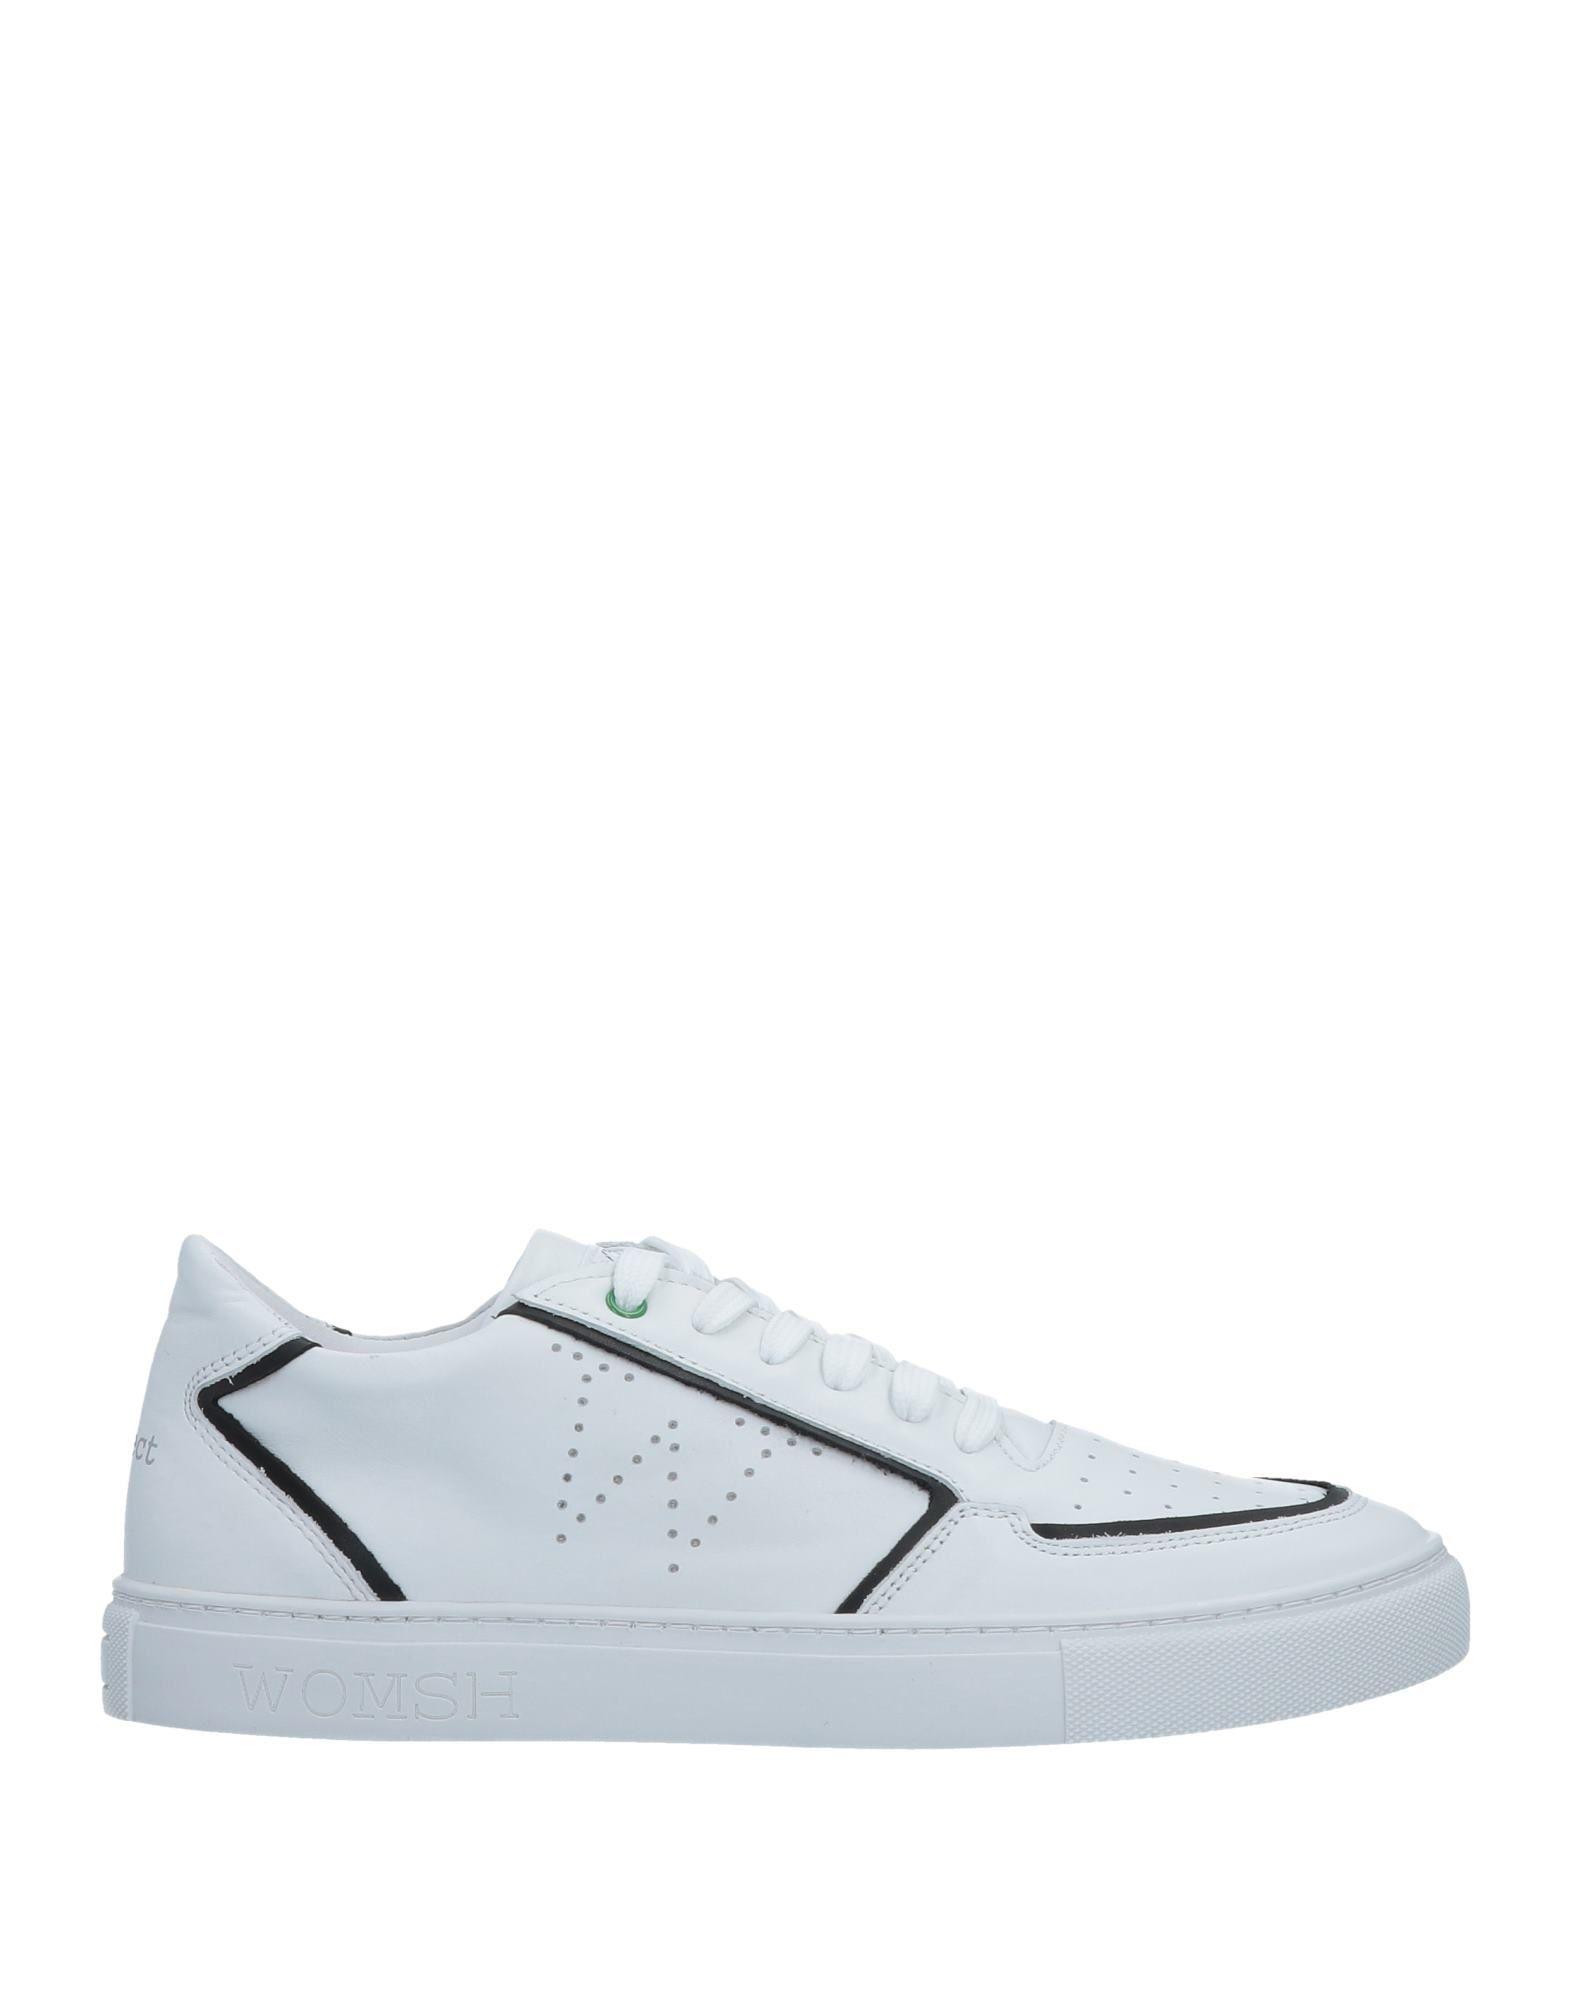 Rabatt echte Schuhe Womsh Sneakers Herren  11508793FJ